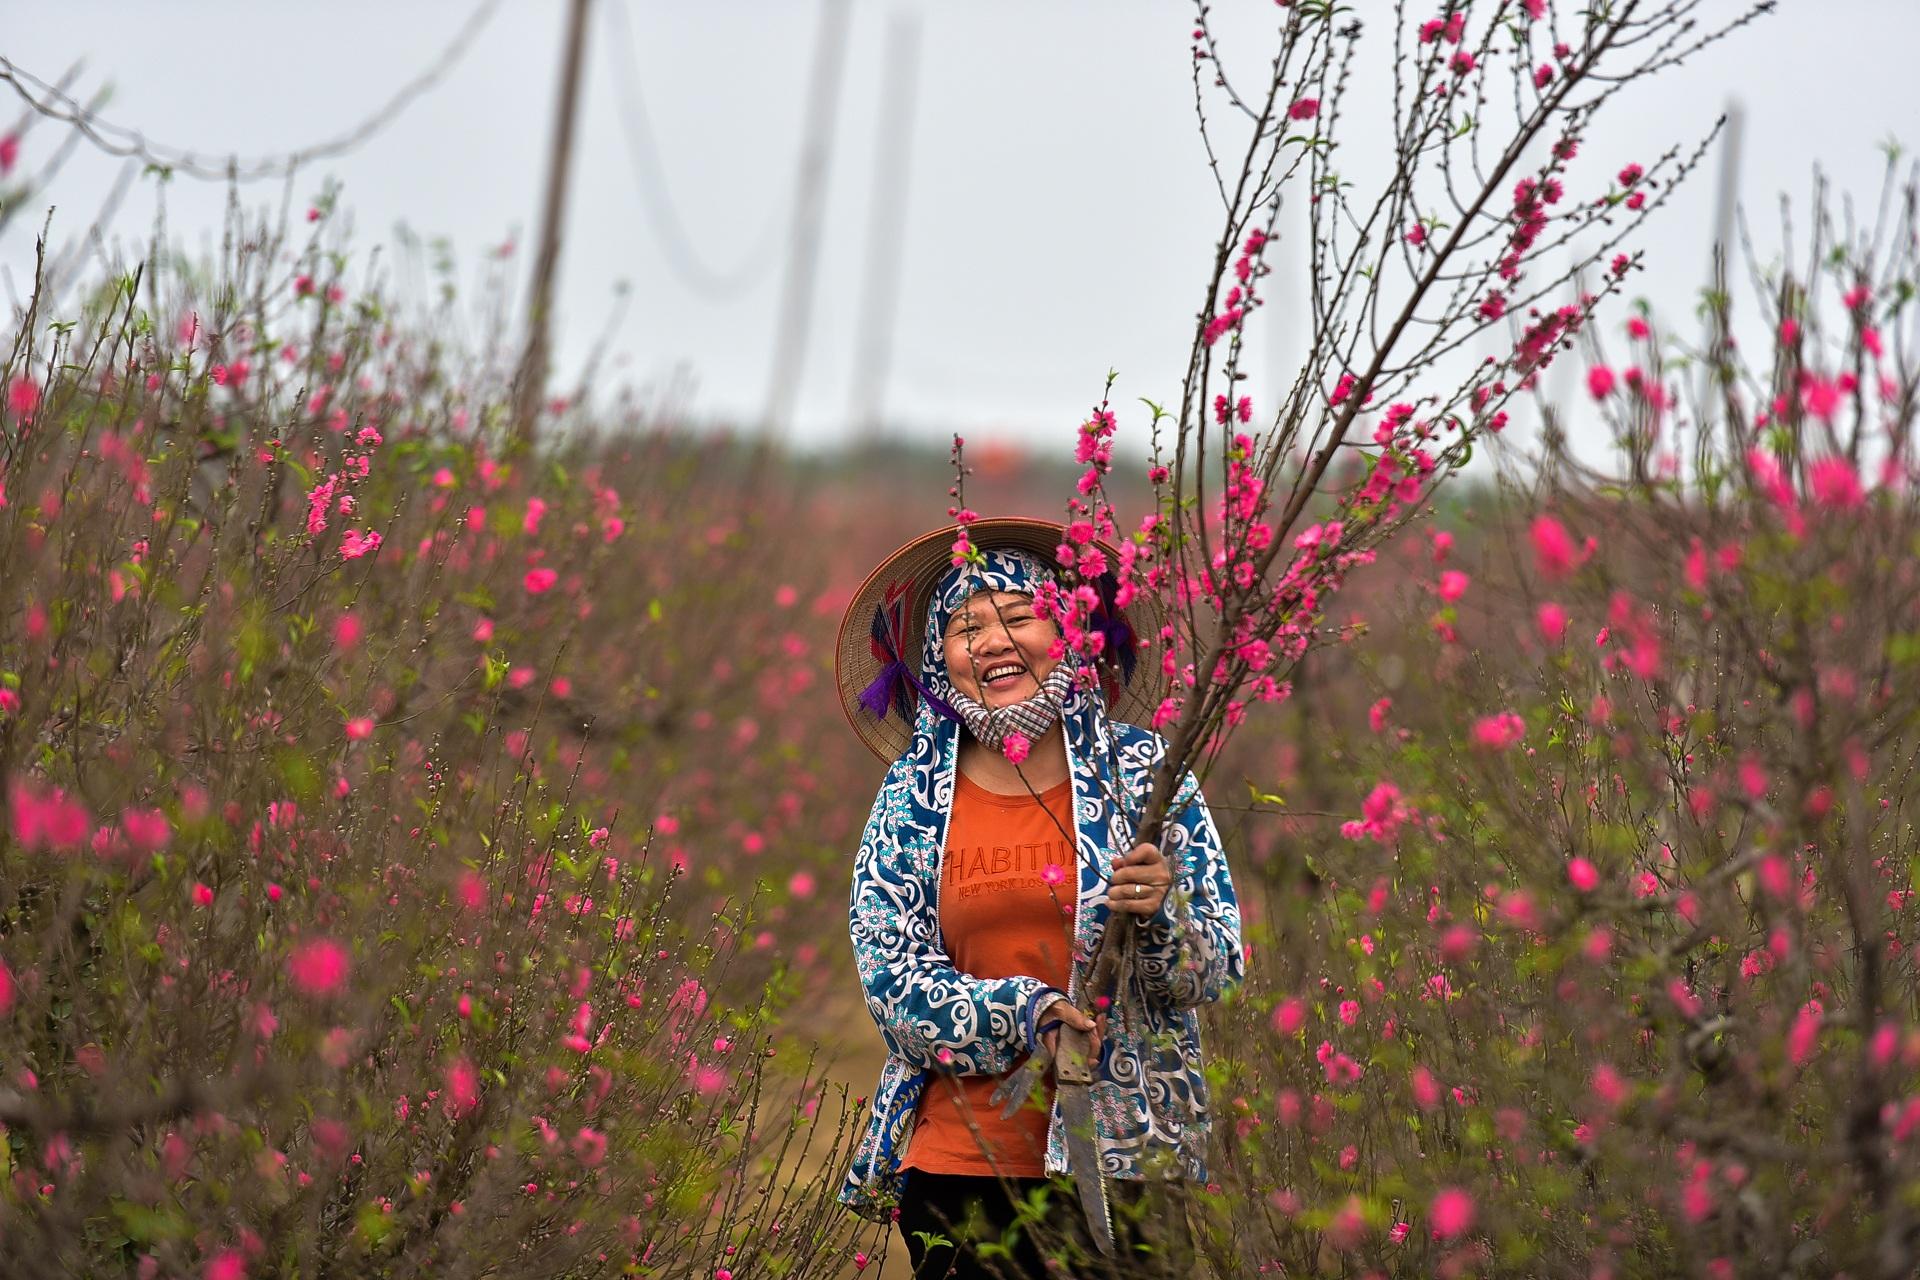 Đào Nhật Tân bung nở, rụng đỏ gốc: Khách kéo nhau chụp ảnh, nông dân thẫn thờ lo trắng tay - 21